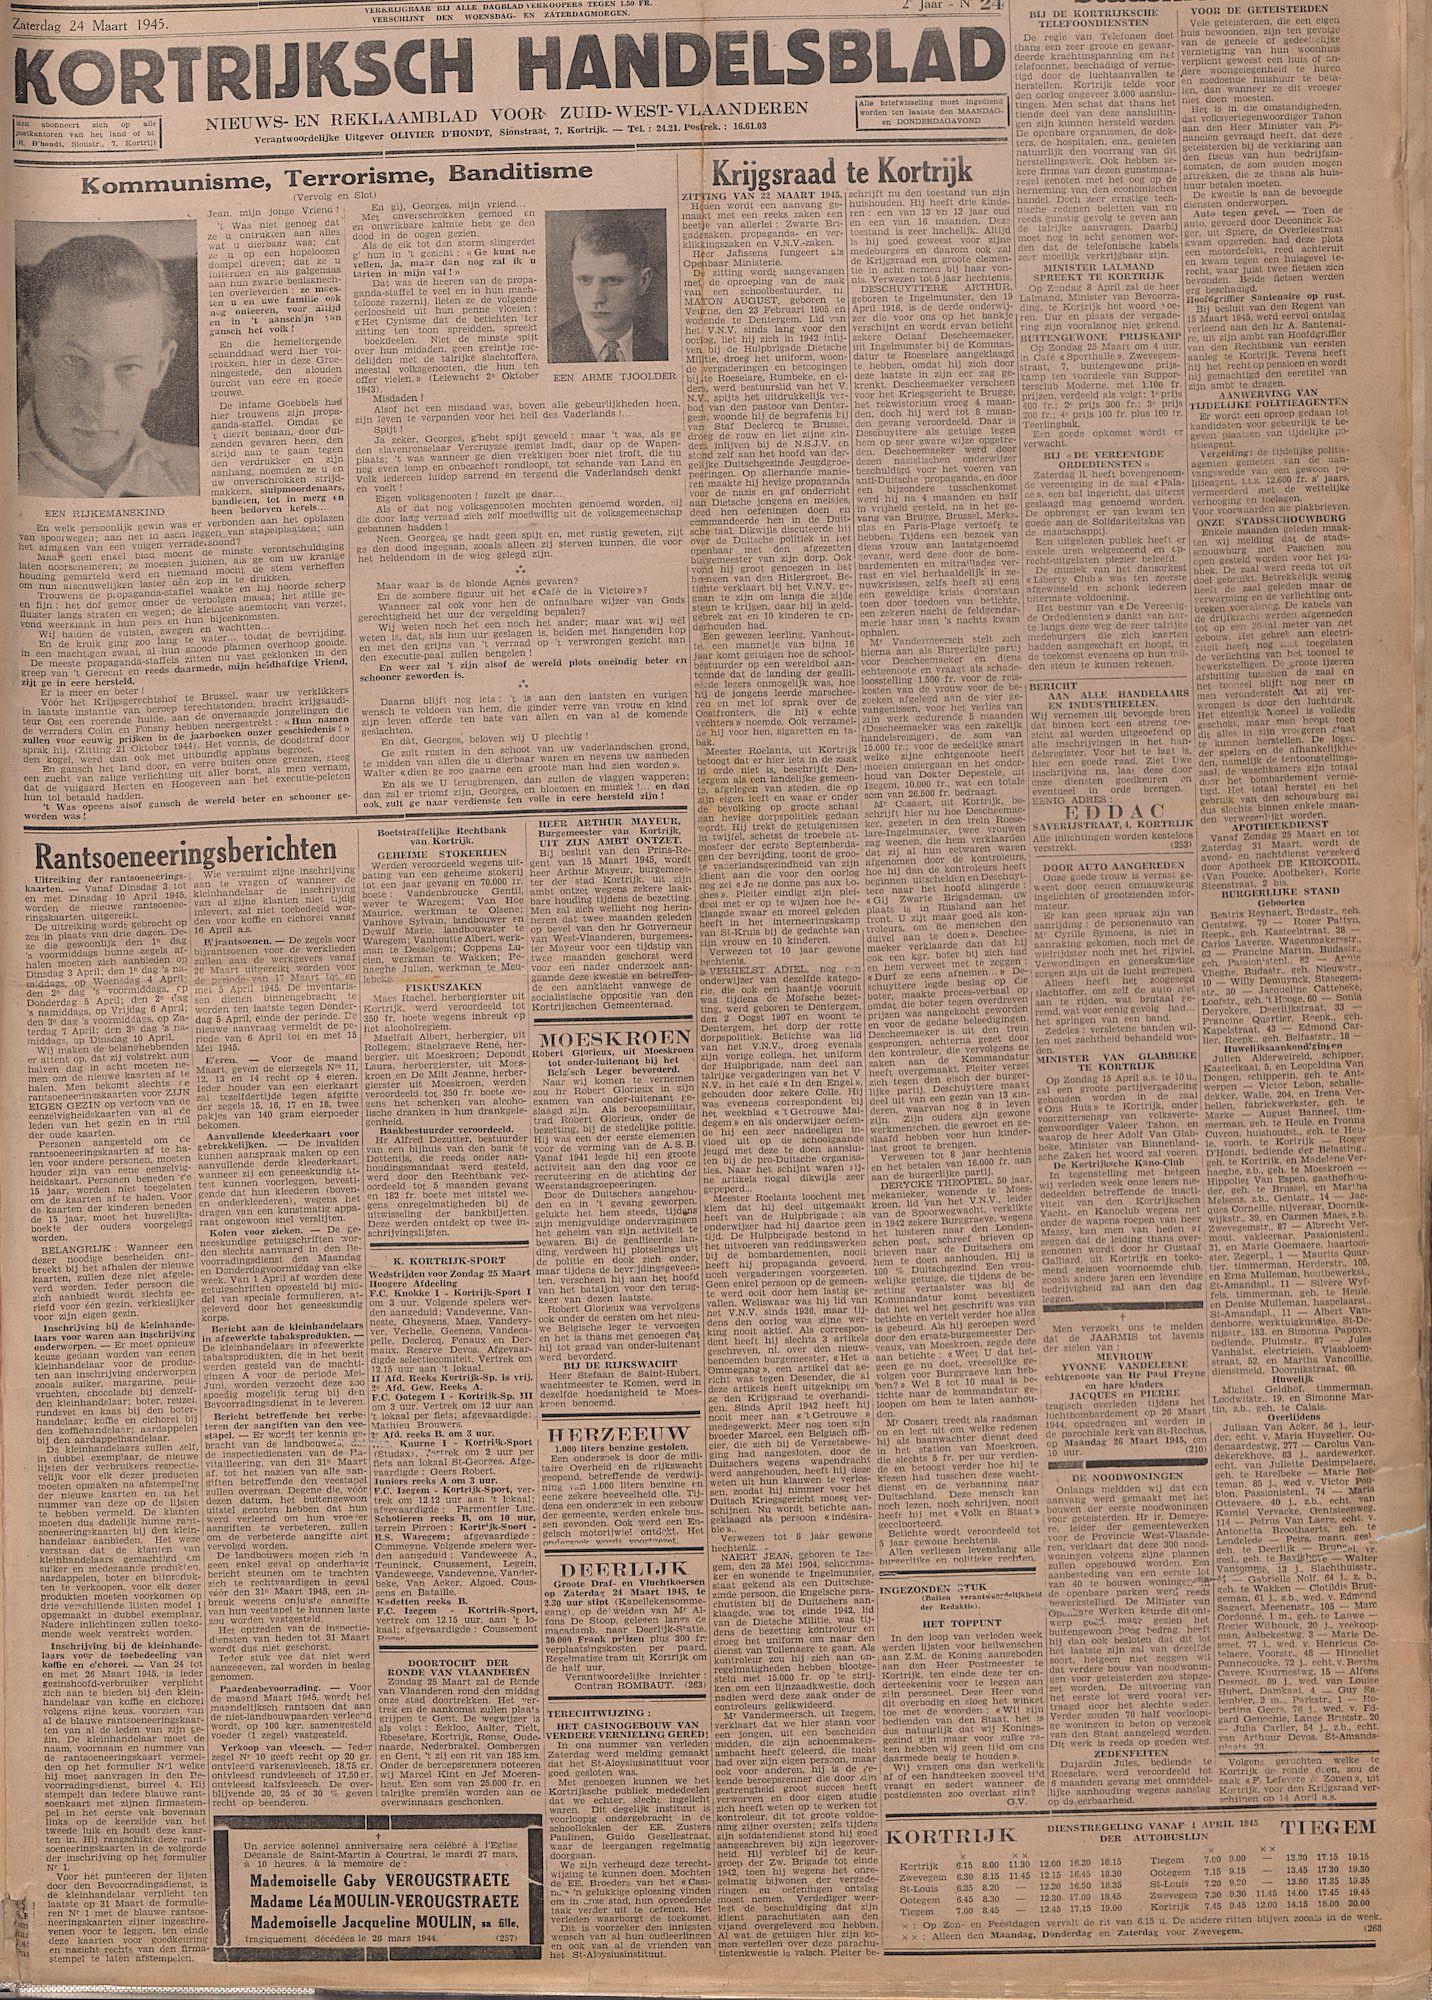 Kortrijksch Handelsblad 24 maart 1945 Nr24 p1